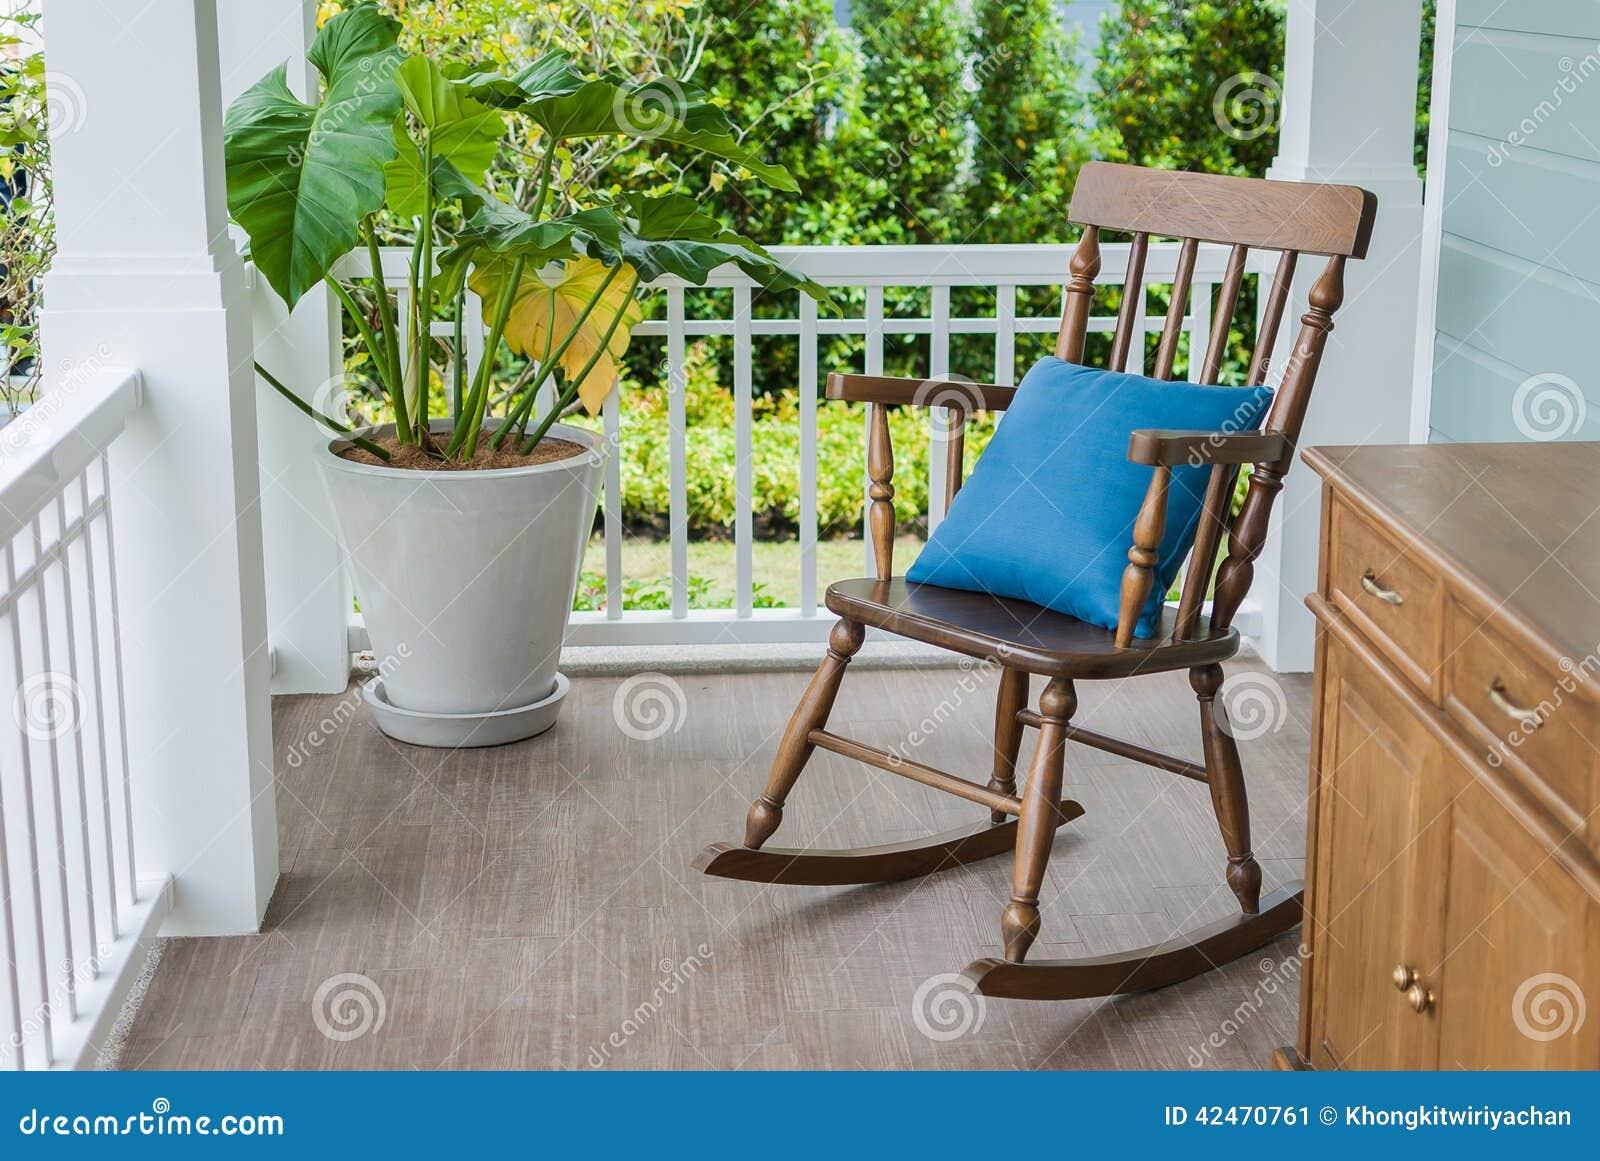 Hölzerner Schaukelstuhl auf Eingangsterrasse